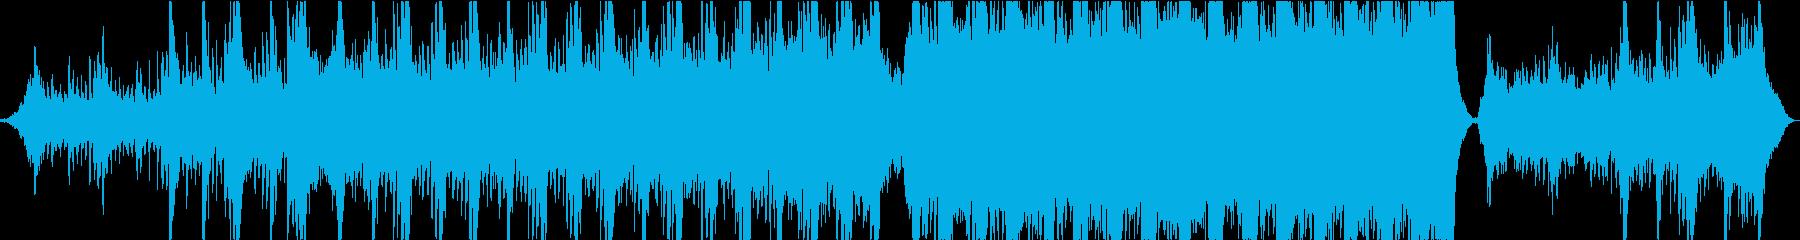 現代の交響曲 広い 壮大 心に強く...の再生済みの波形